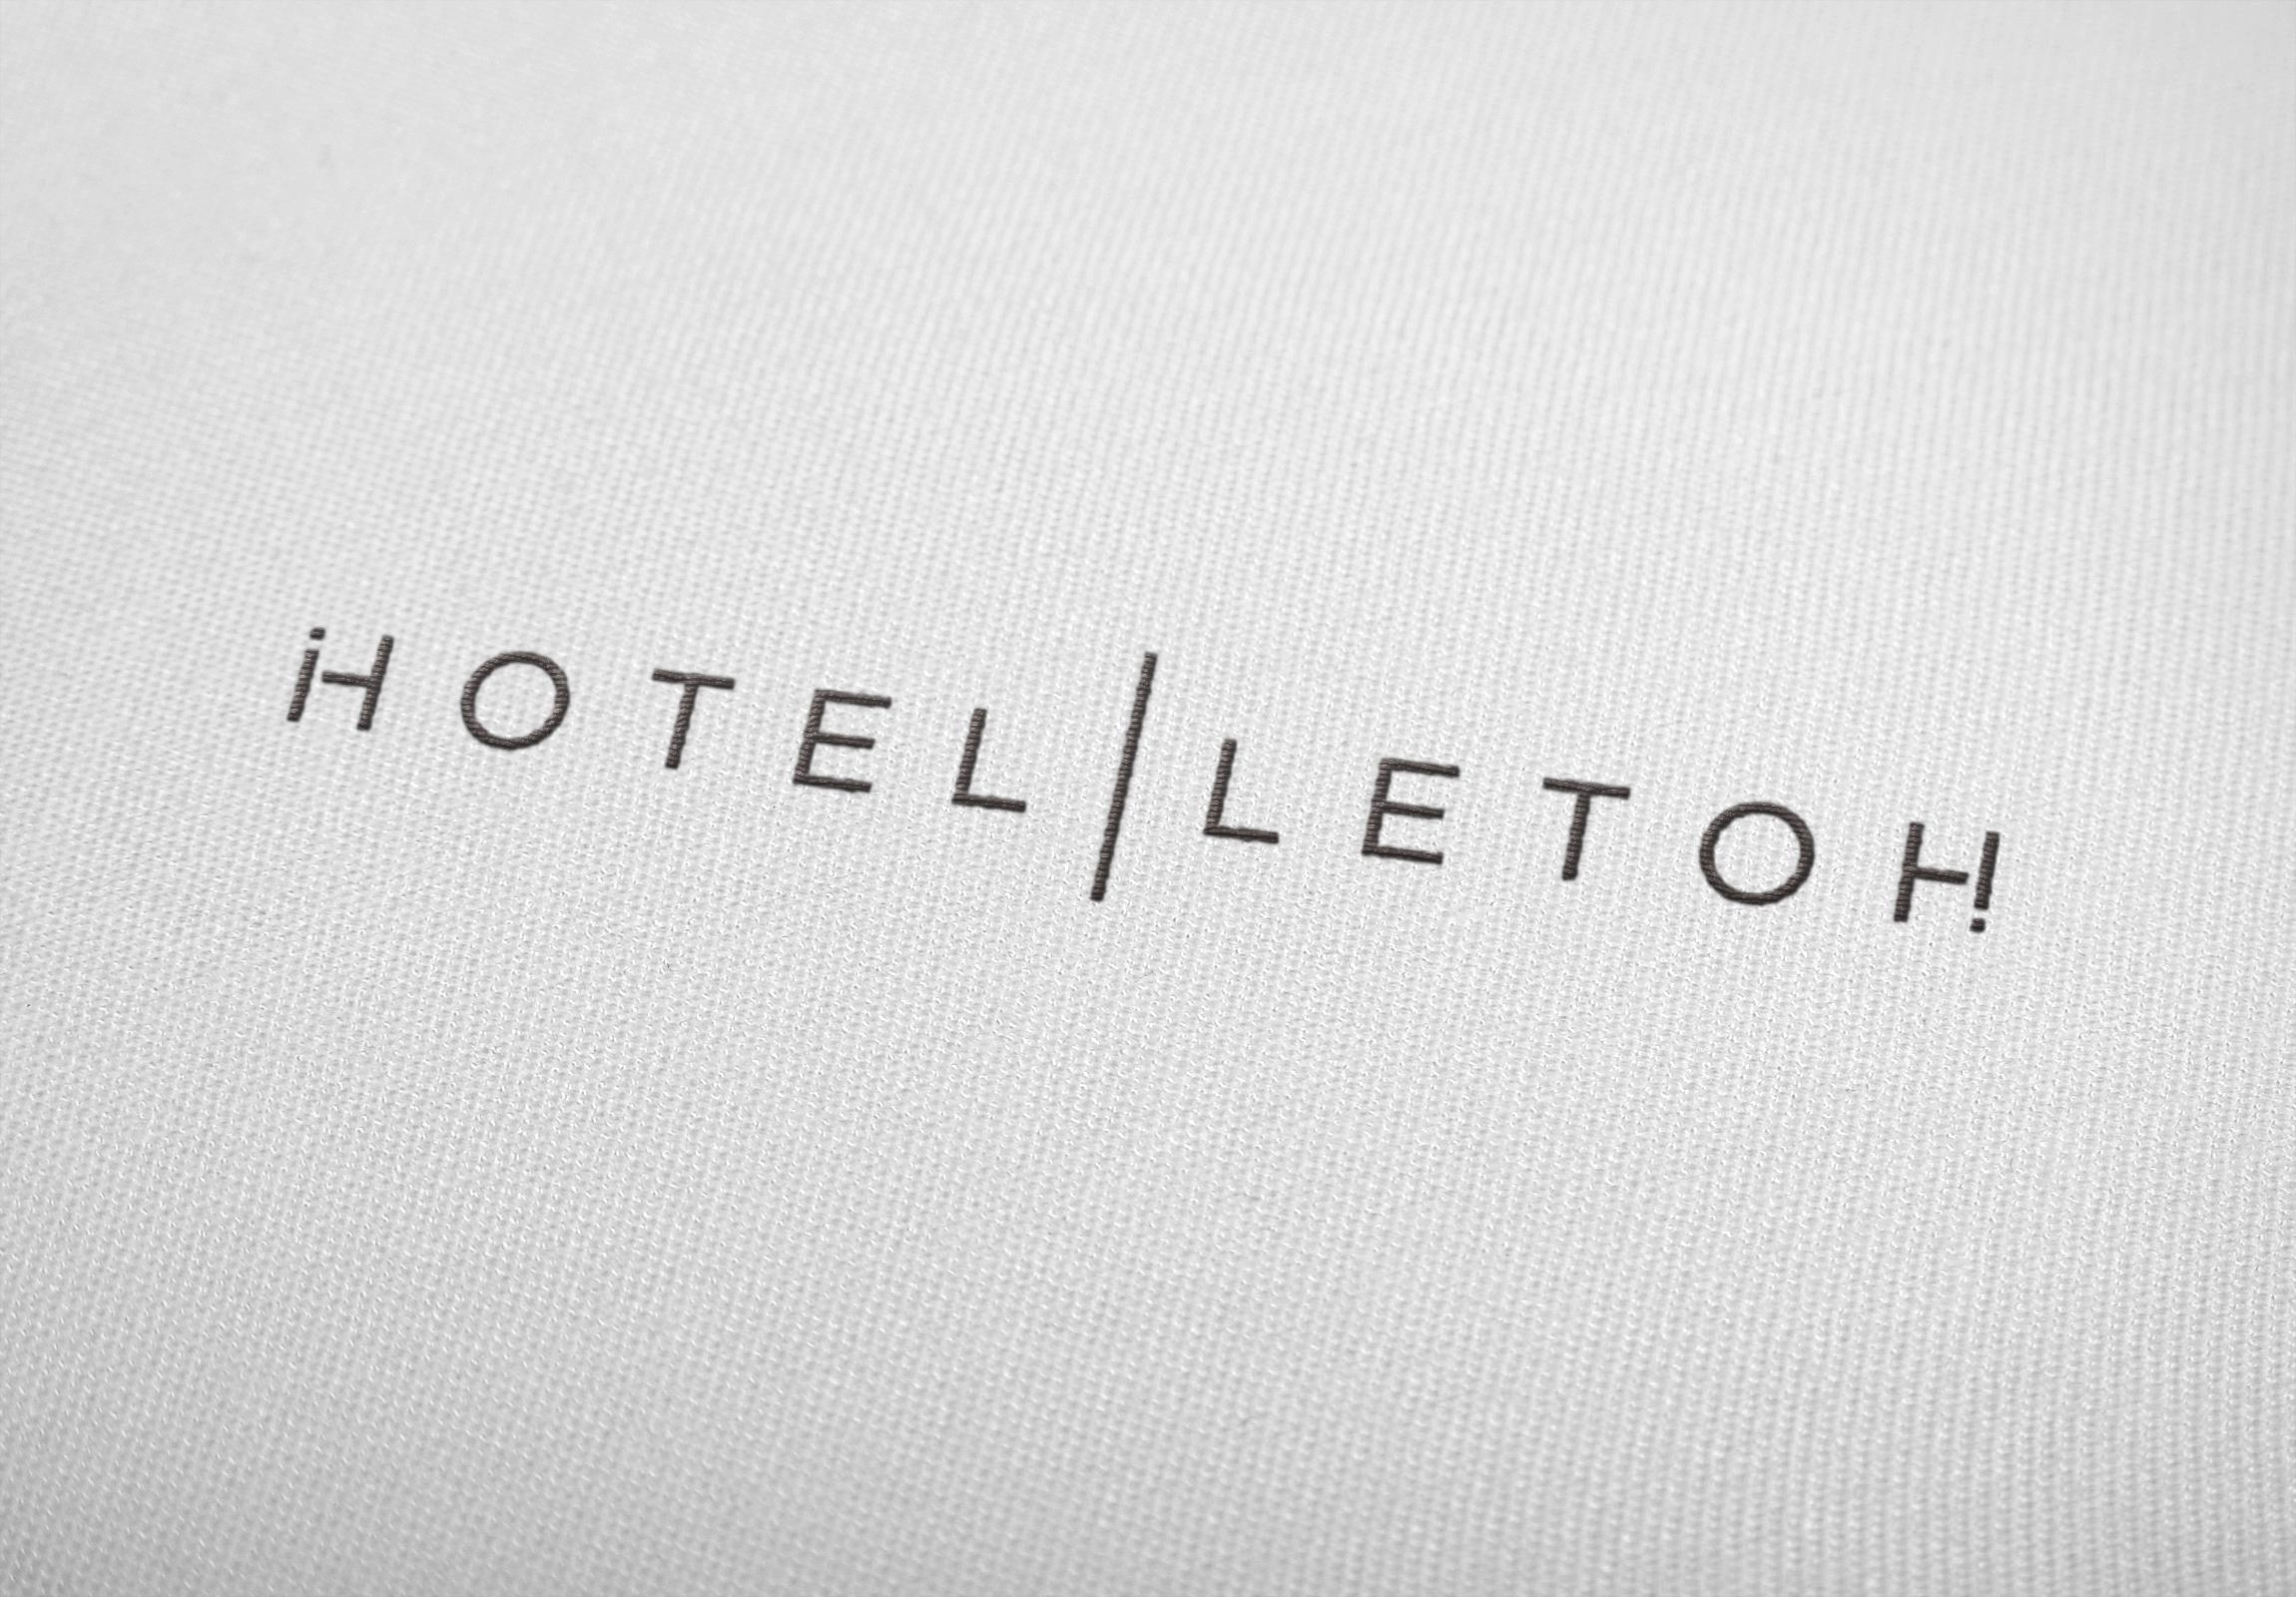 hotel-letoh_2.png